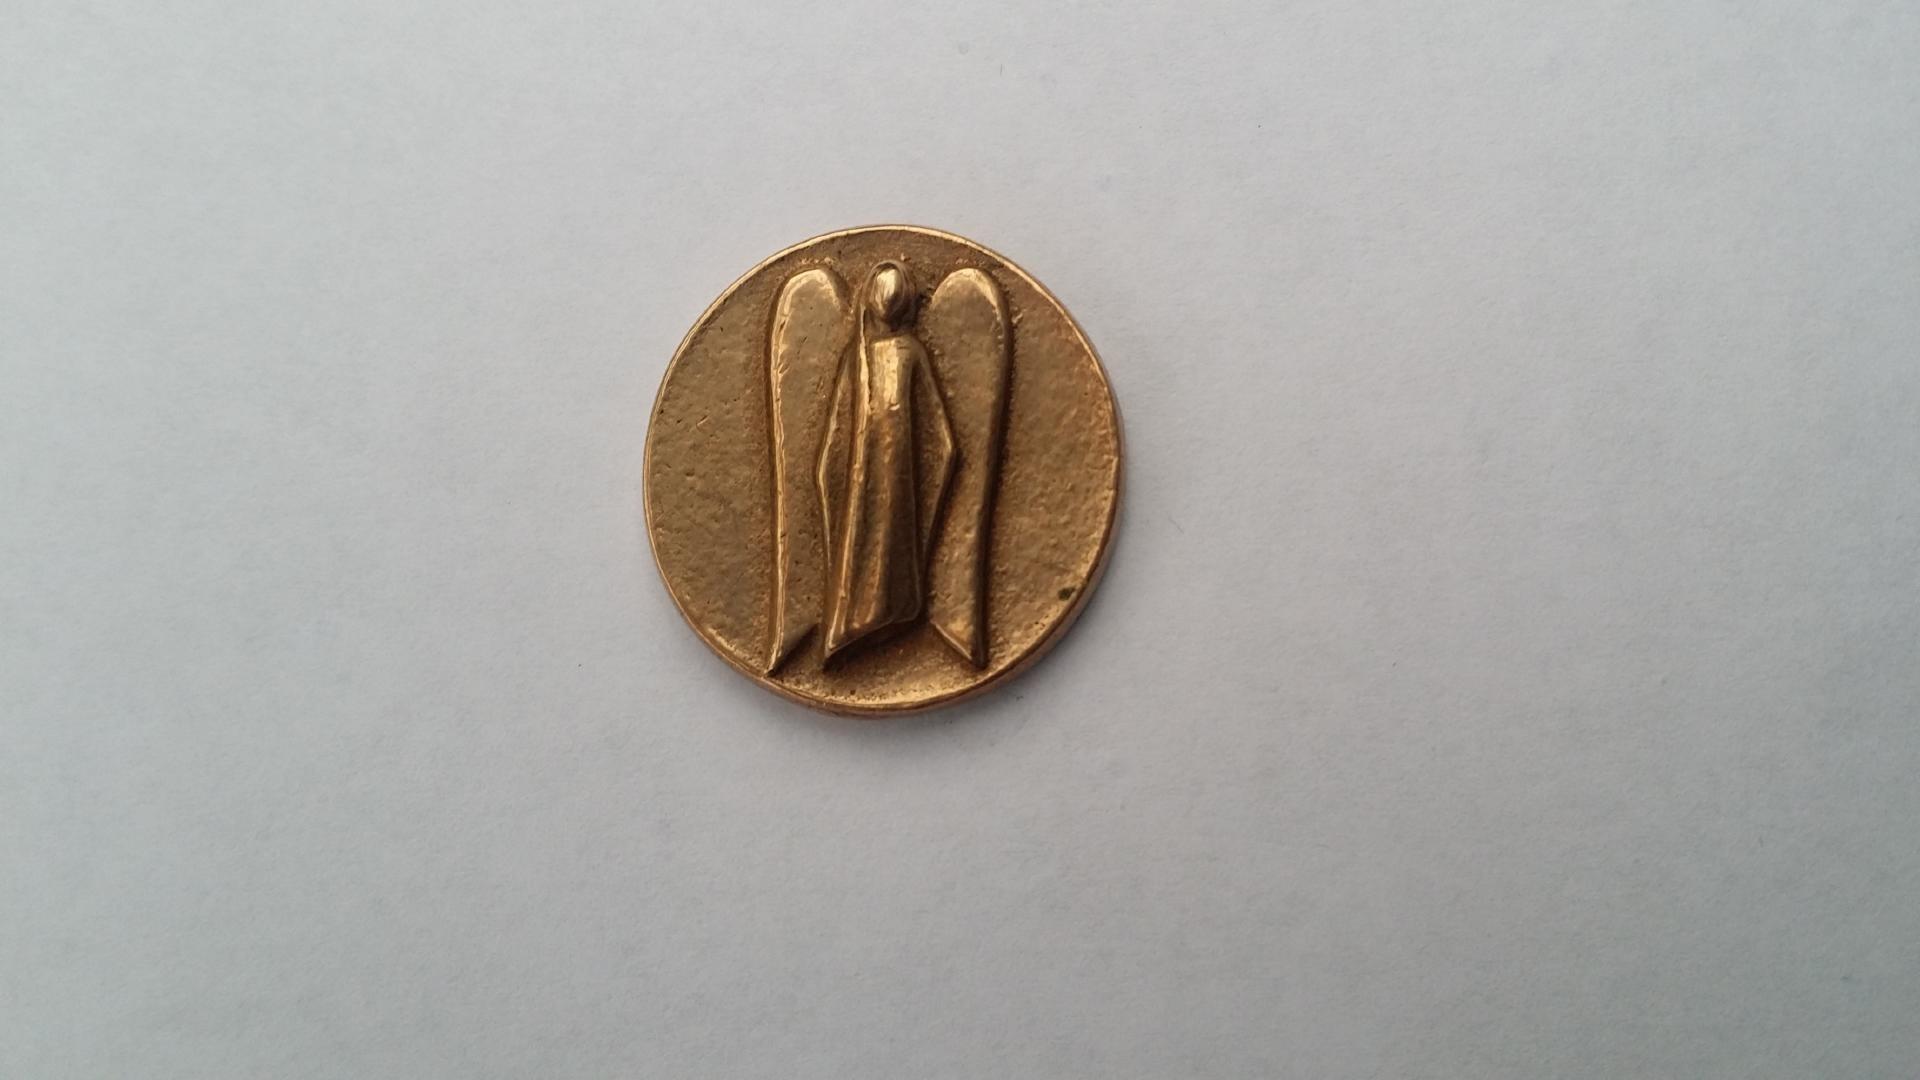 Munt beschermengel brons